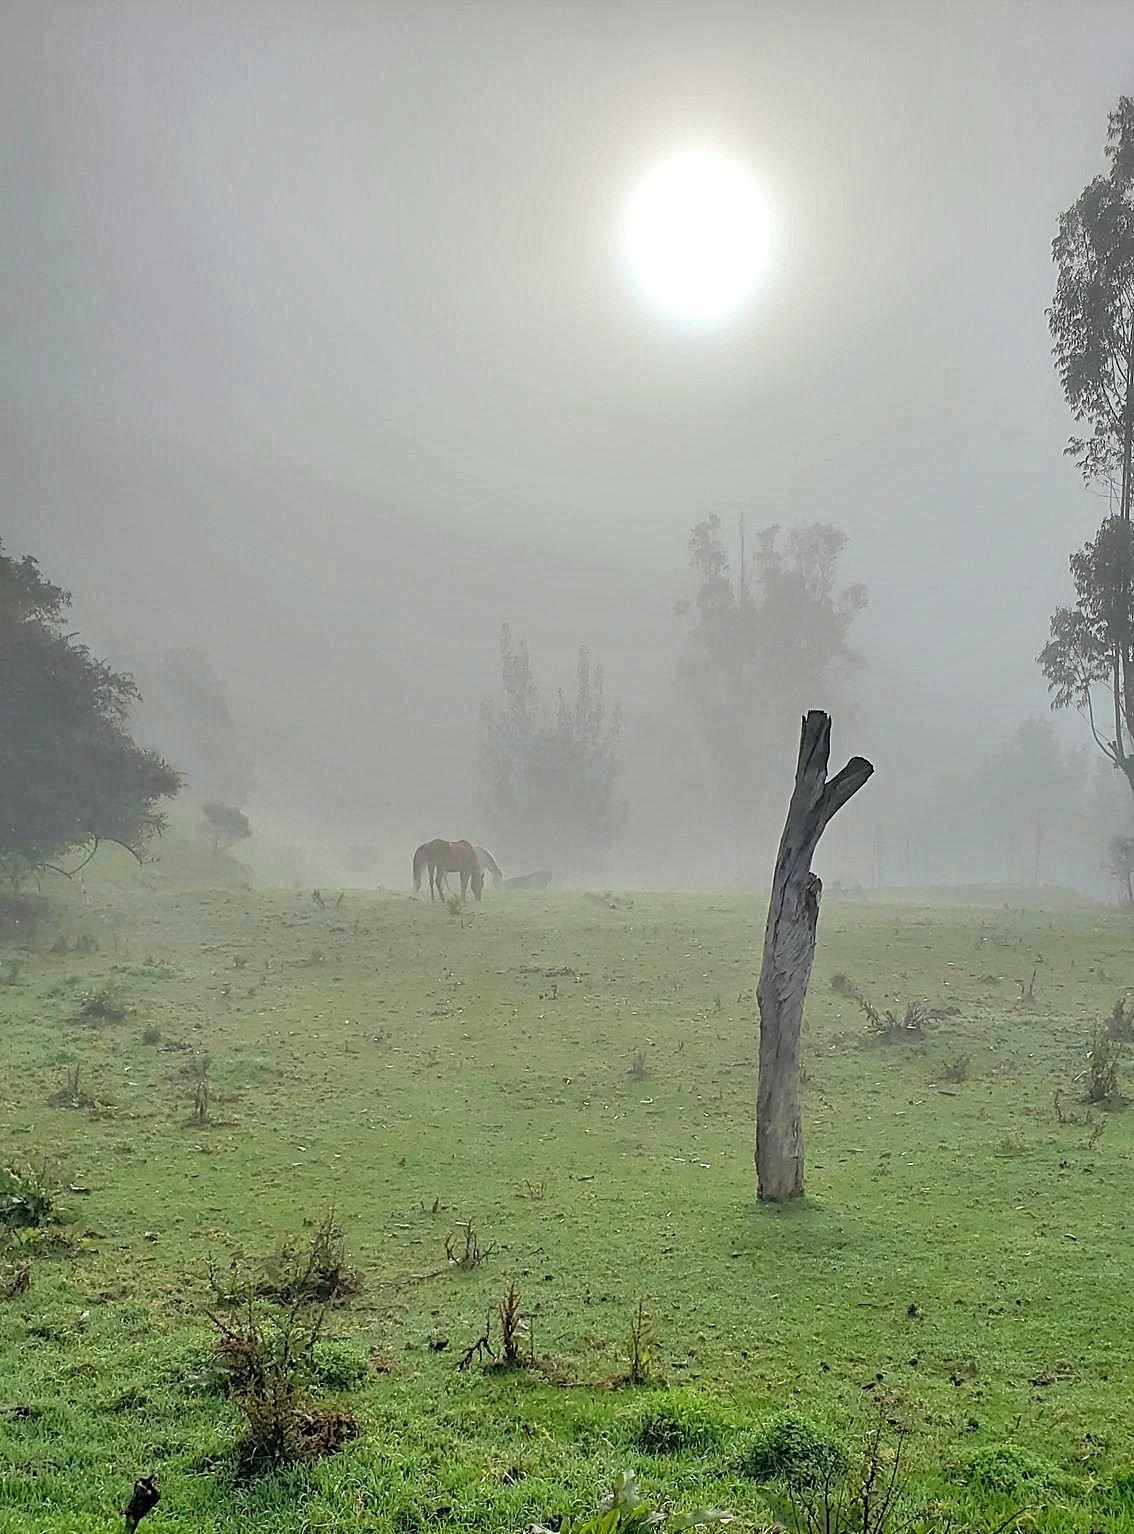 In de mist in Colombia